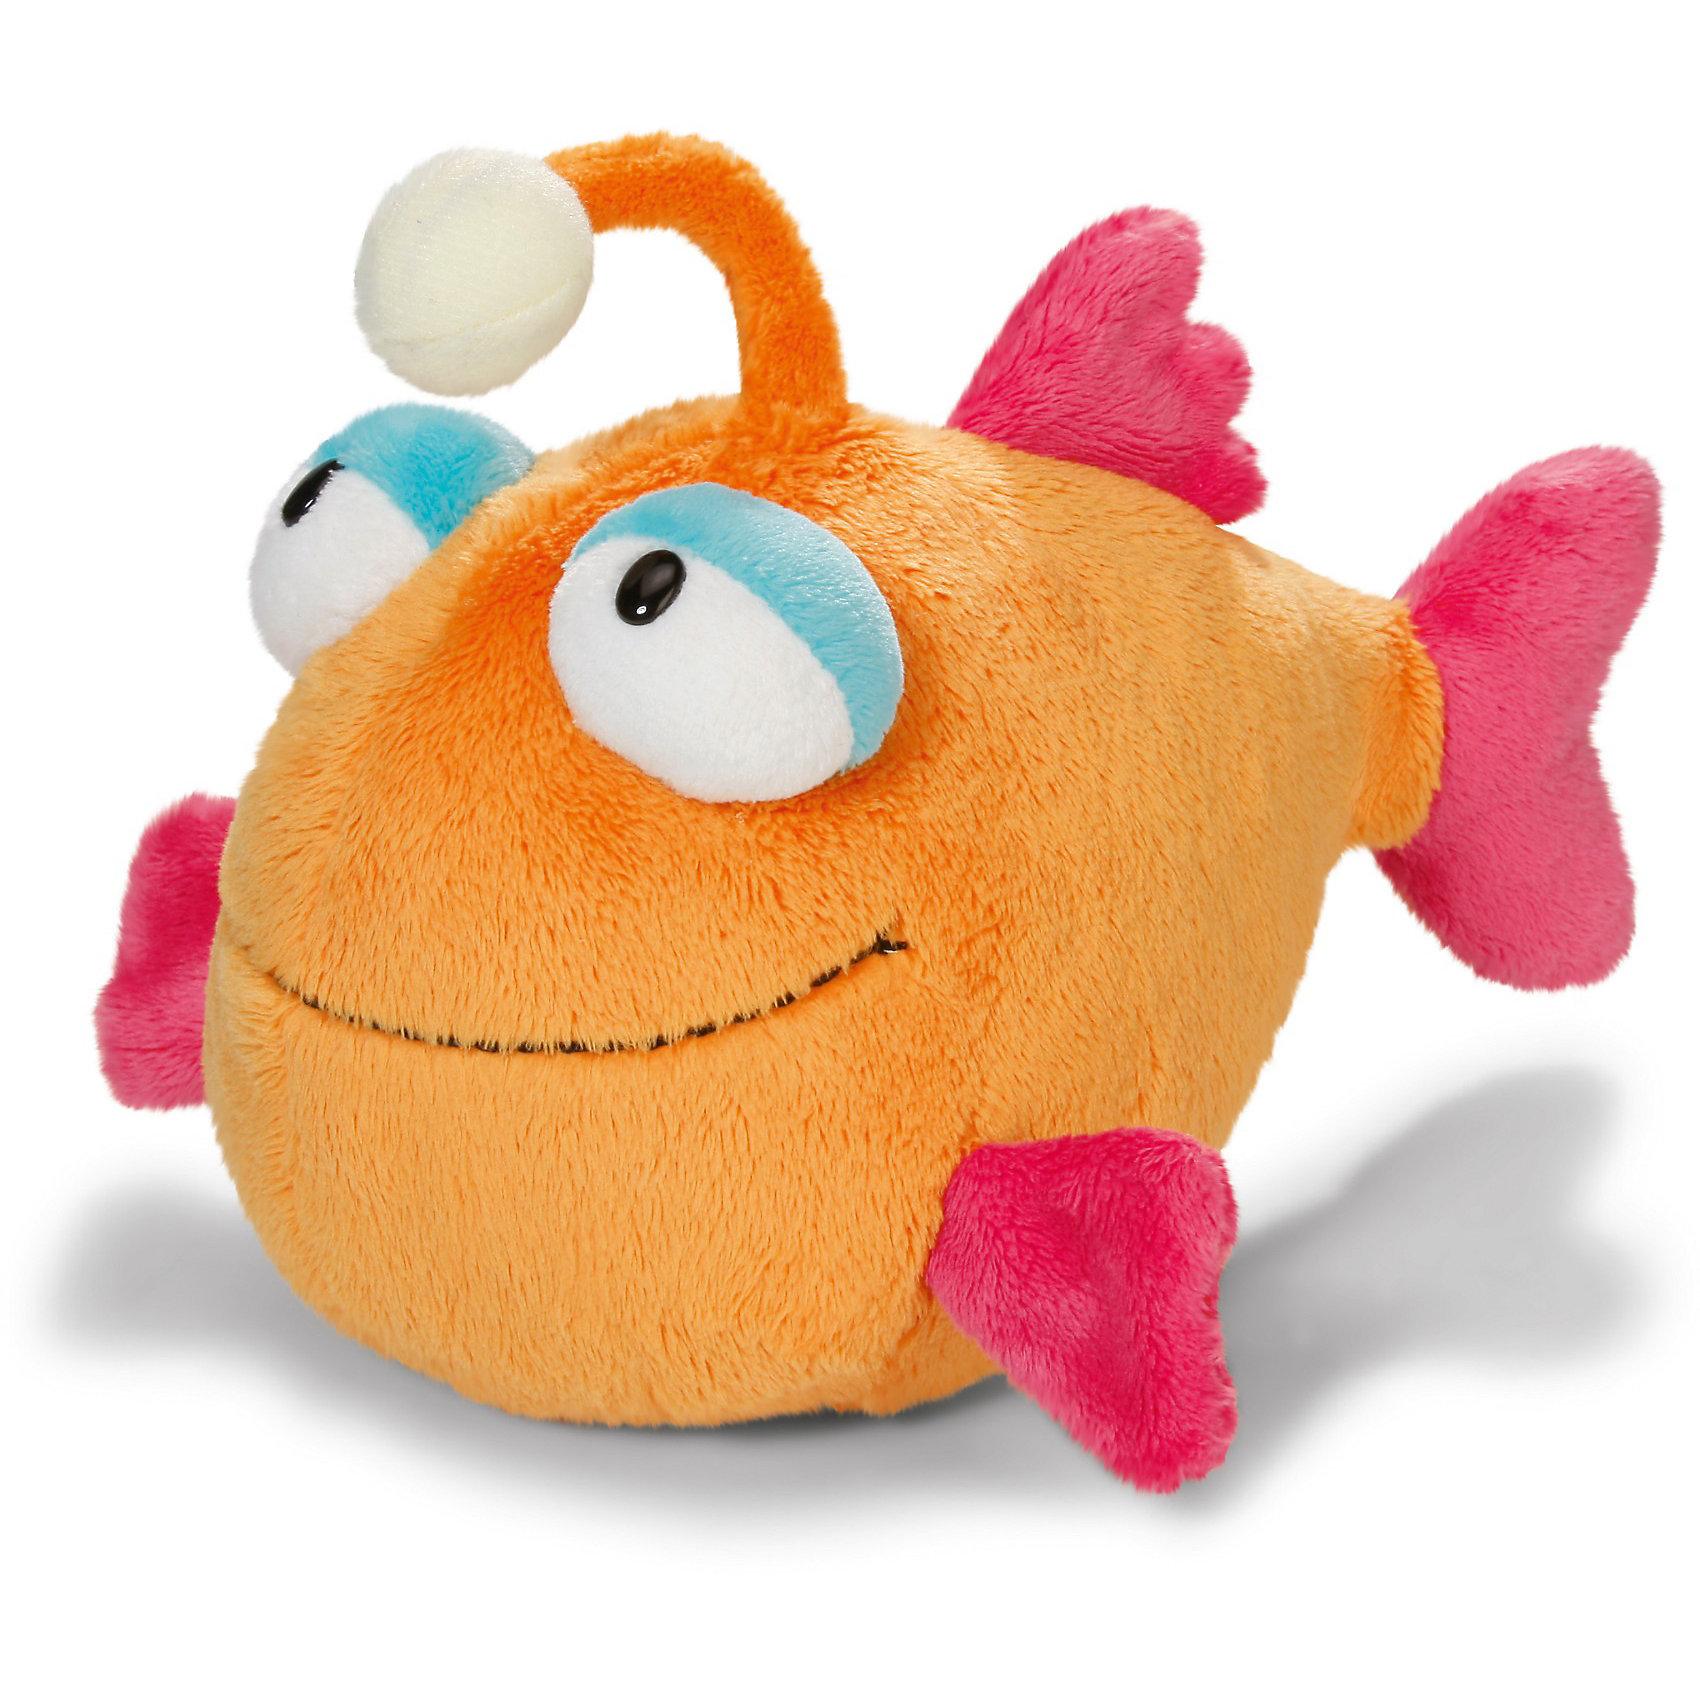 Рыбка с фонариком, 25 см,  NICIПлюшевая зверушка Рыбка с фонариком, 25 см -от NICI обязательно понравится Вашему малышу.<br>Мягкая игрушка Рыбка с фонариком – эта яркая и необычная мягкая игрушка от немецкого производителя Nici приведет в восторг, как детей, так и взрослых. Игрушка сделана из мягкого приятного на ощупь материала, и ребенку очень понравится гладить ее и прижимать к себе. Основной цвет игрушки - оранжевый. Плавники у рыбки красного цвета. <br>Игрушка изготовлена из экологически чистых материалов: высококачественного плюша и гипоаллергенного синтепона. Не деформируется и не теряет внешний вид при стирке.<br><br>Дополнительная информация:<br><br>- Размер игрушки: 25 см.<br>- Материал: плюш, синтепон<br><br>Мягкую игрушку «Рыбка с фонариком», 25 см можно купить в нашем интернет-магазине.<br><br>Ширина мм: 270<br>Глубина мм: 161<br>Высота мм: 124<br>Вес г: 199<br>Возраст от месяцев: 24<br>Возраст до месяцев: 144<br>Пол: Унисекс<br>Возраст: Детский<br>SKU: 3674985